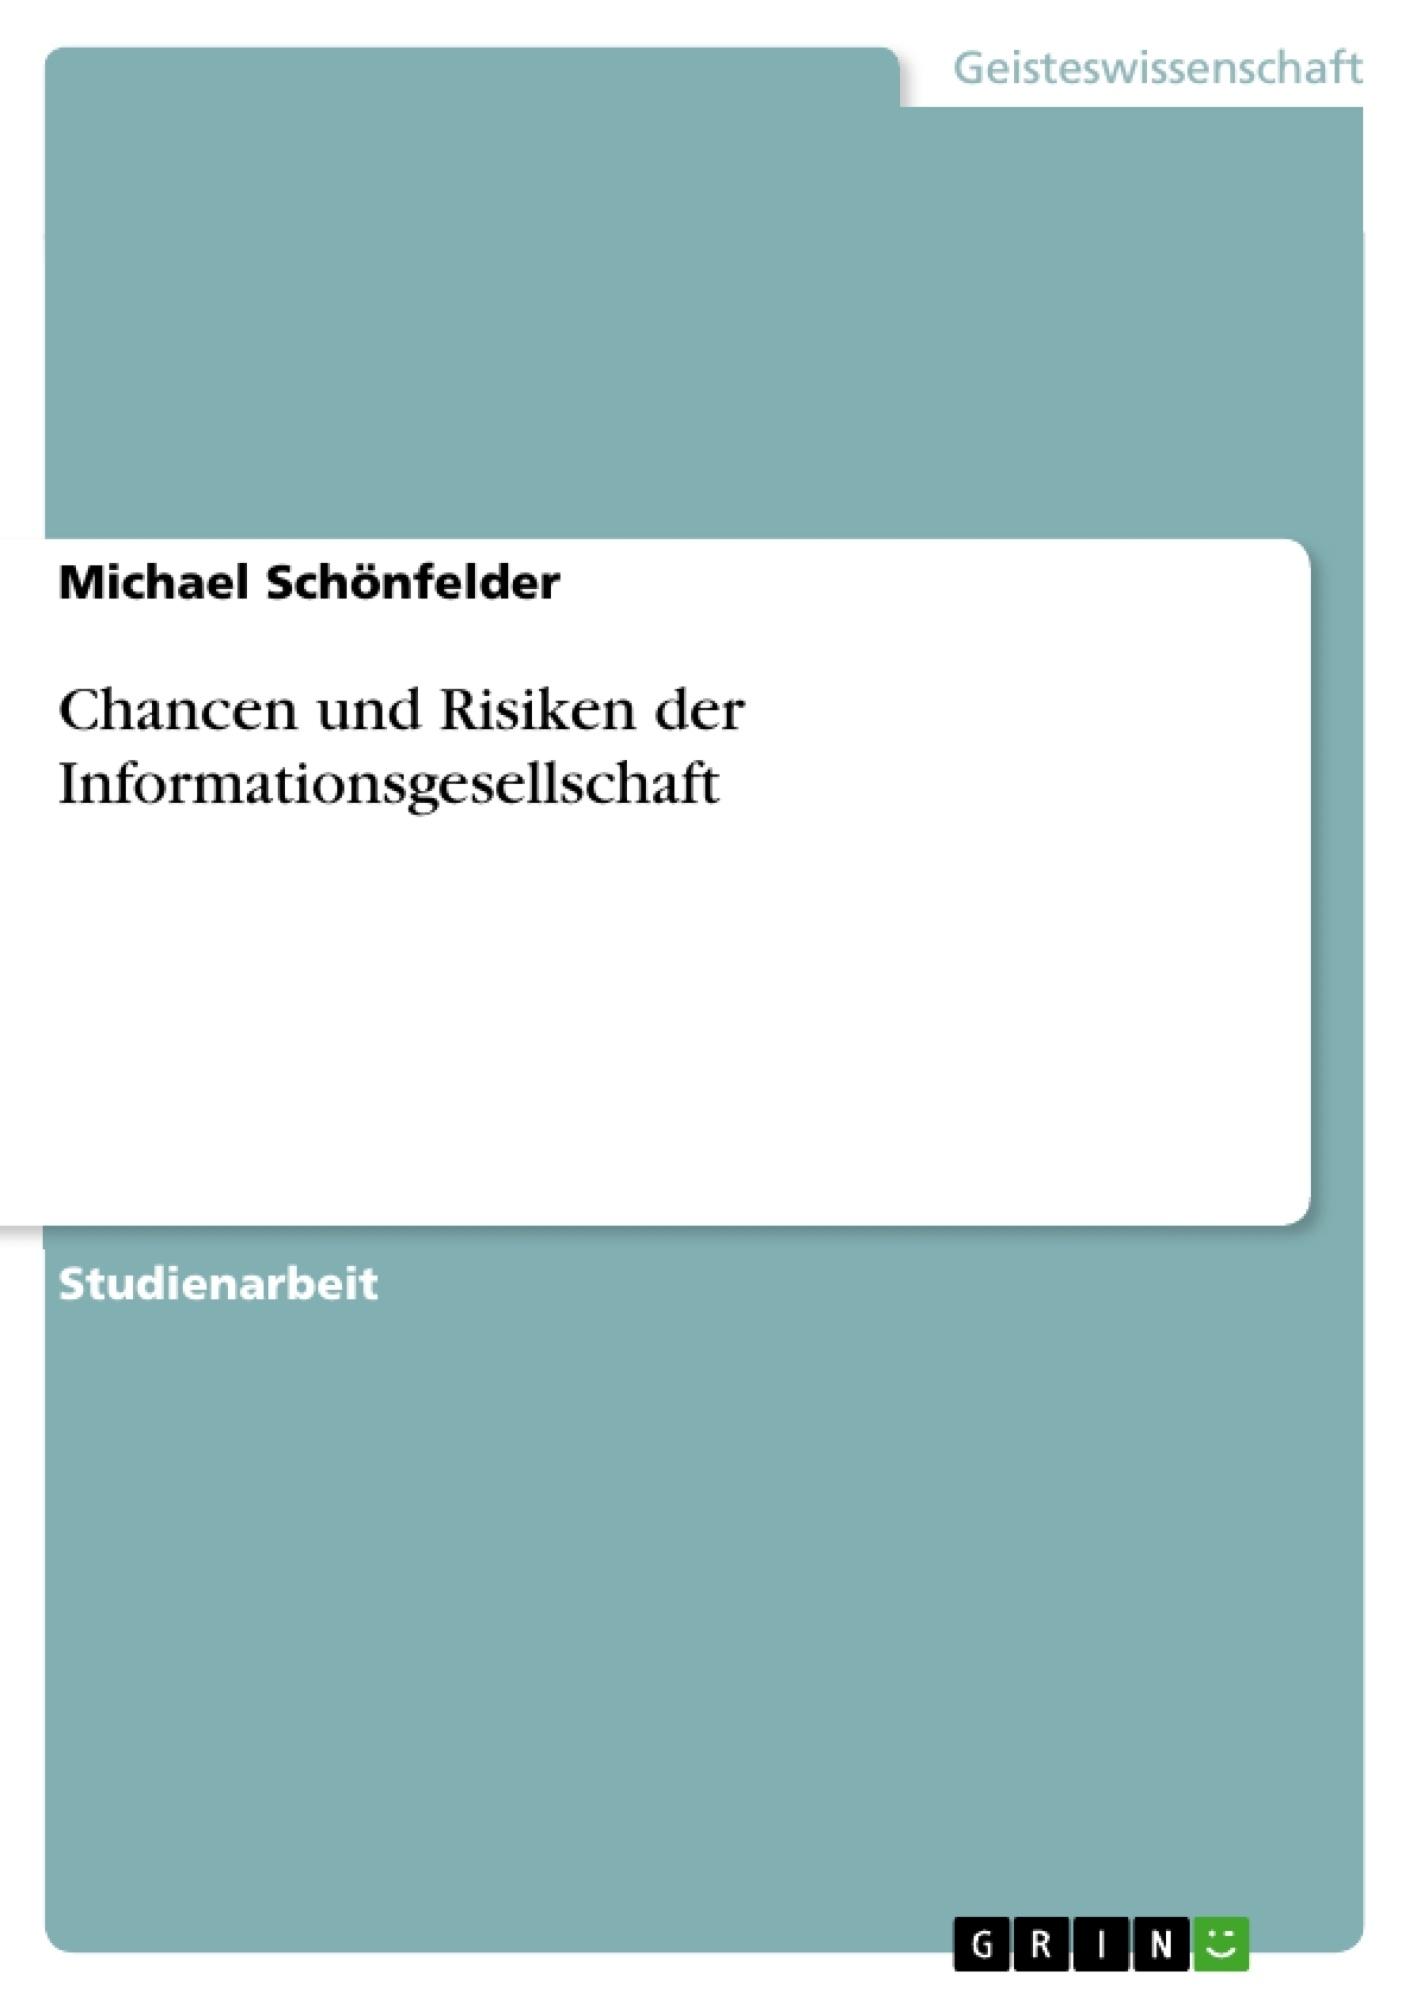 Titel: Chancen und Risiken der Informationsgesellschaft